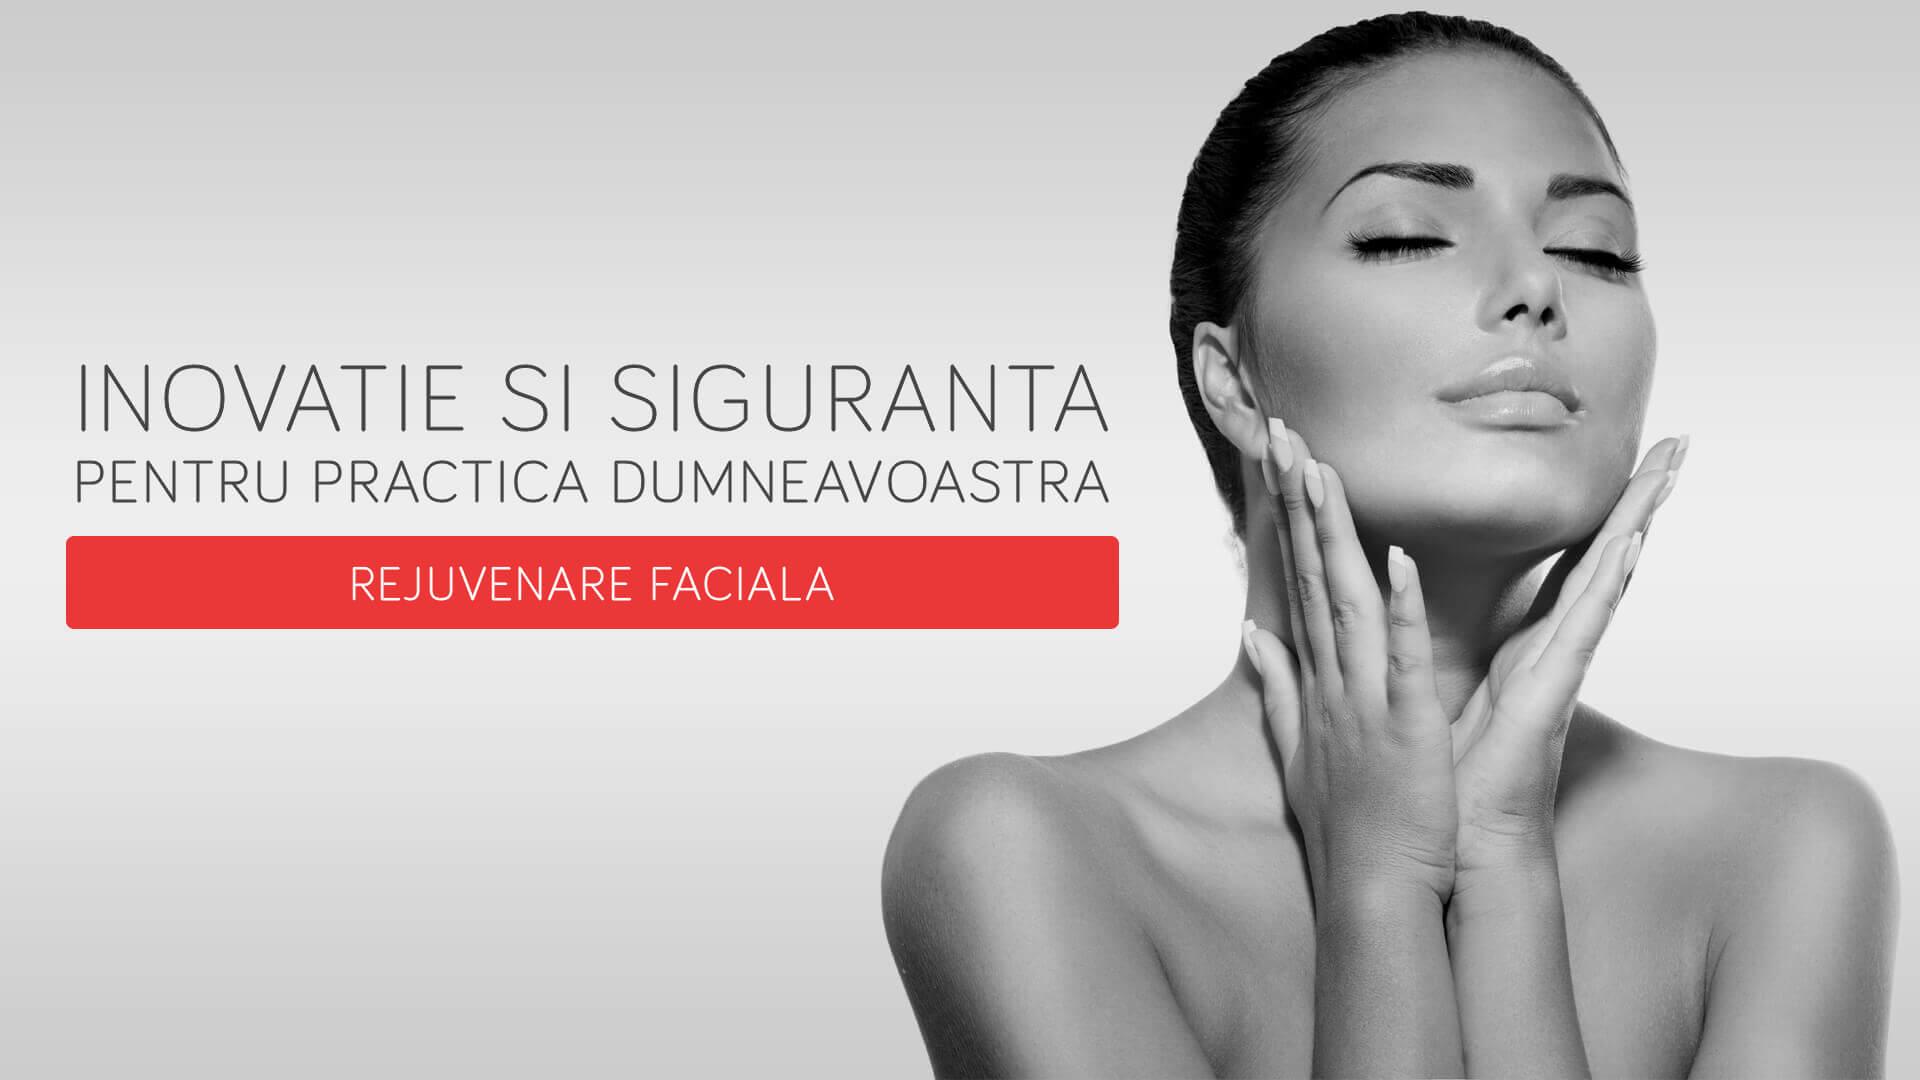 Aparatura de rejuvenare faciala pentru clinici estetice